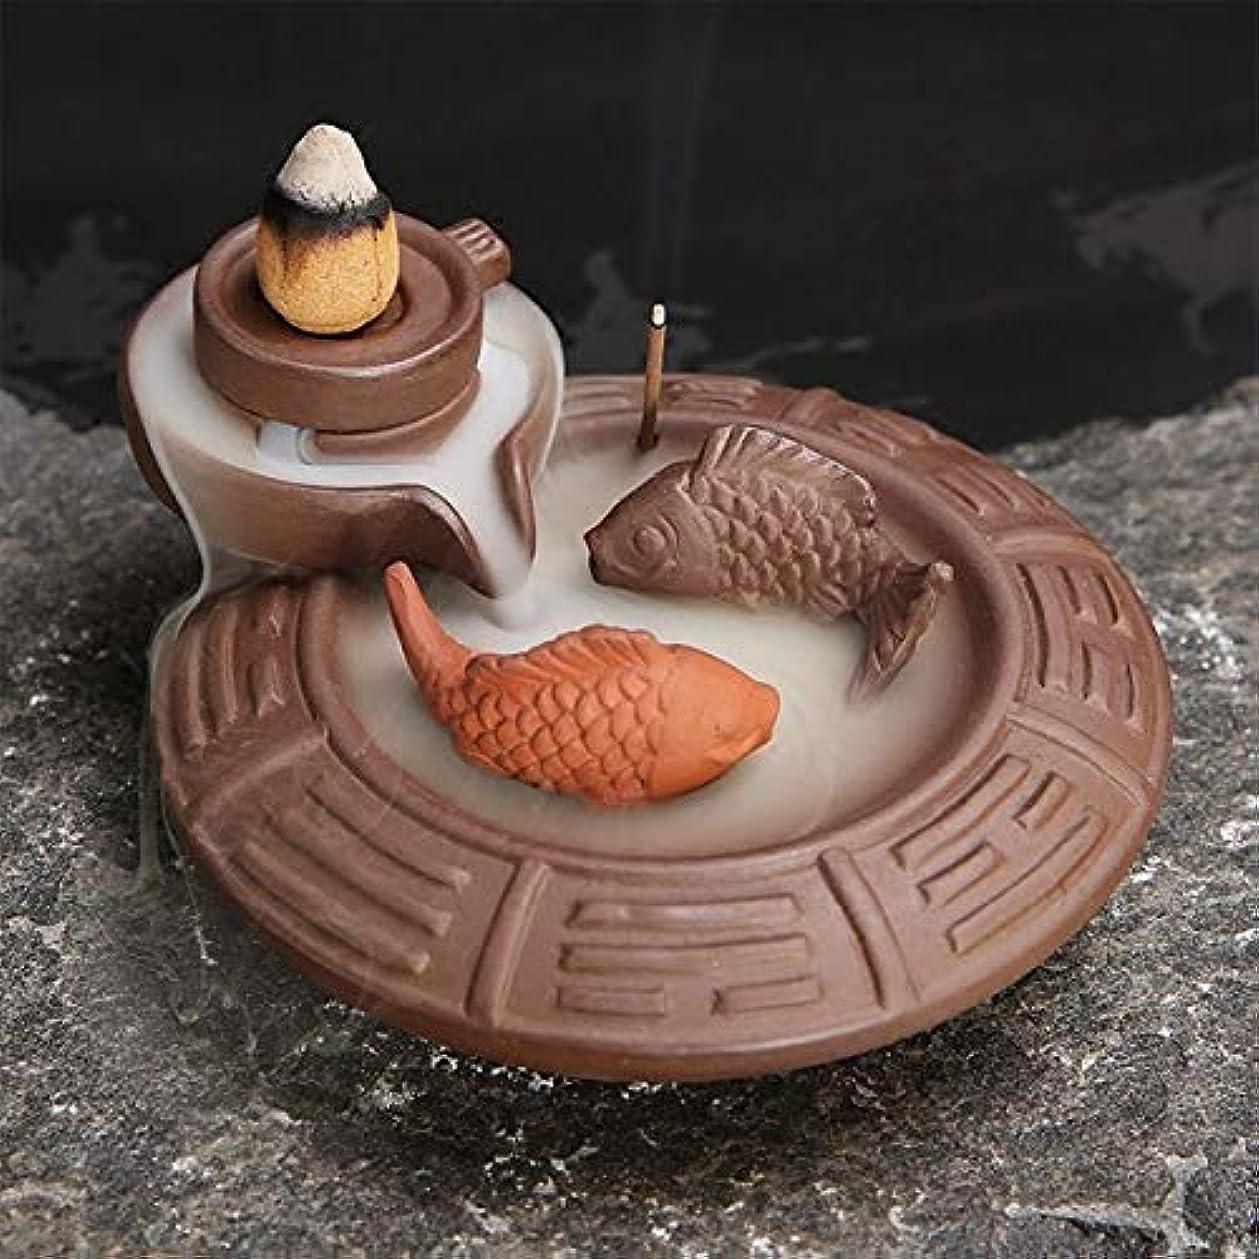 副産物程度ロッド(Fish) - Jeteven Ceramic Fish Backflow Incense Burner, Incense Cones Sticks Holder, Ideal for Yoga Room, Home Decoration & Handicraft Gift